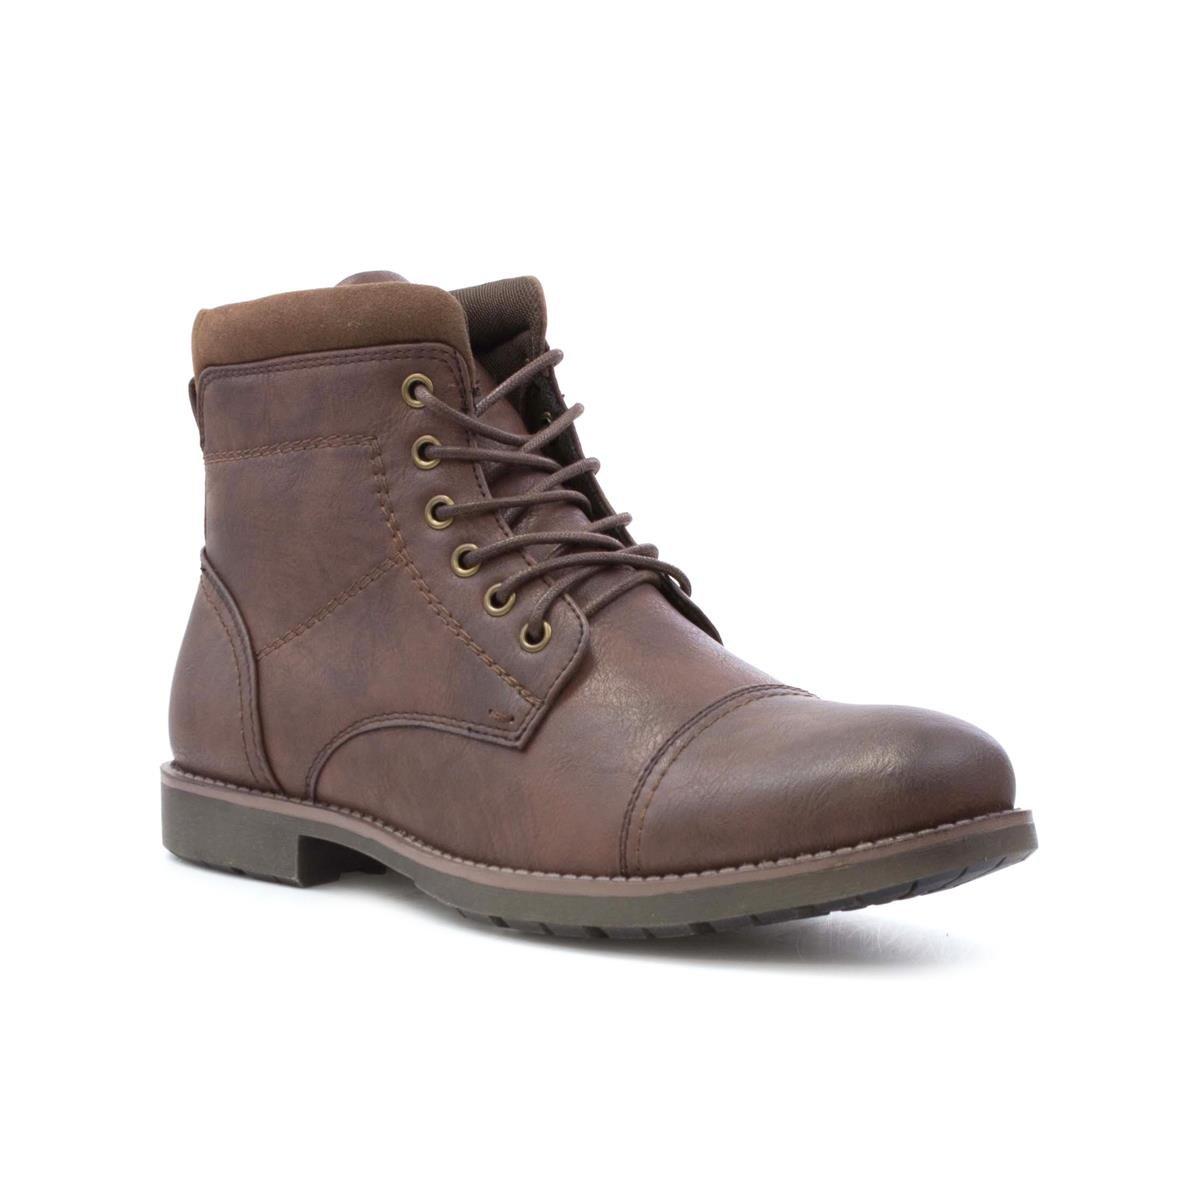 Beckett - Zapato acordonado, de cuero, para hombre, en negro Beckett - Talla 8 UK / 42 EU - Negro